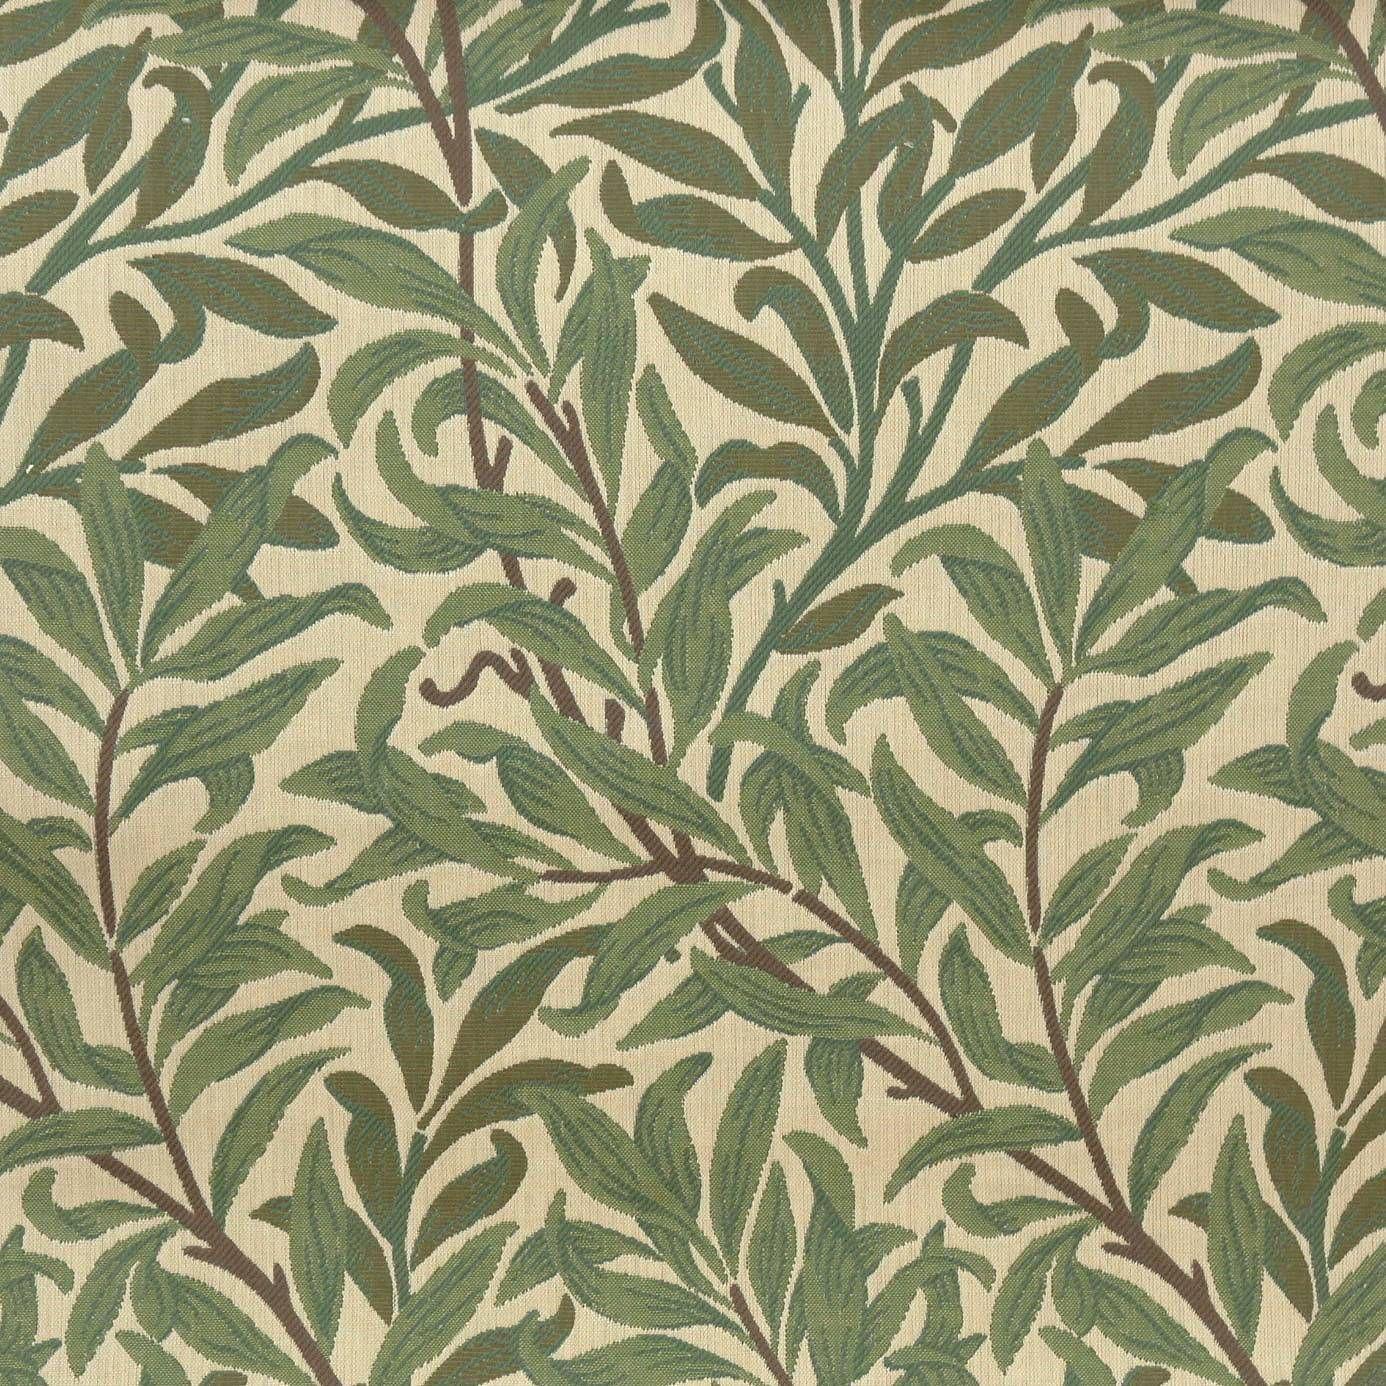 William Morris Co Willow Bough Fabric